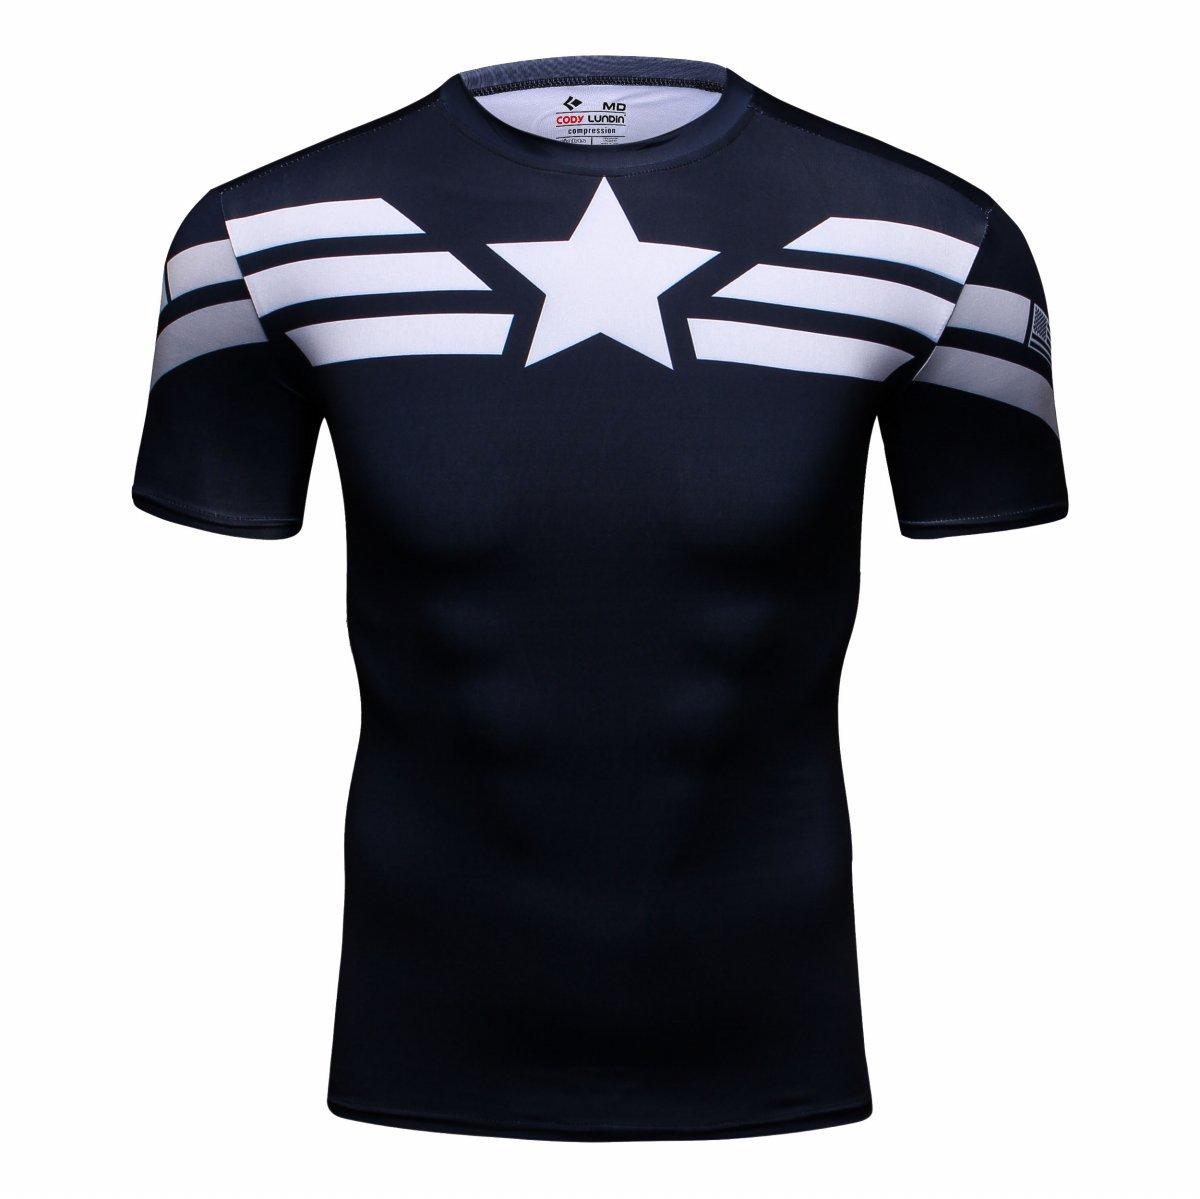 Cody Lundin® Hombres Deporte Apretado Camisa Película Captain héroe  Formación Rutina de Ejercicio Capas Base 3808033e28cf4